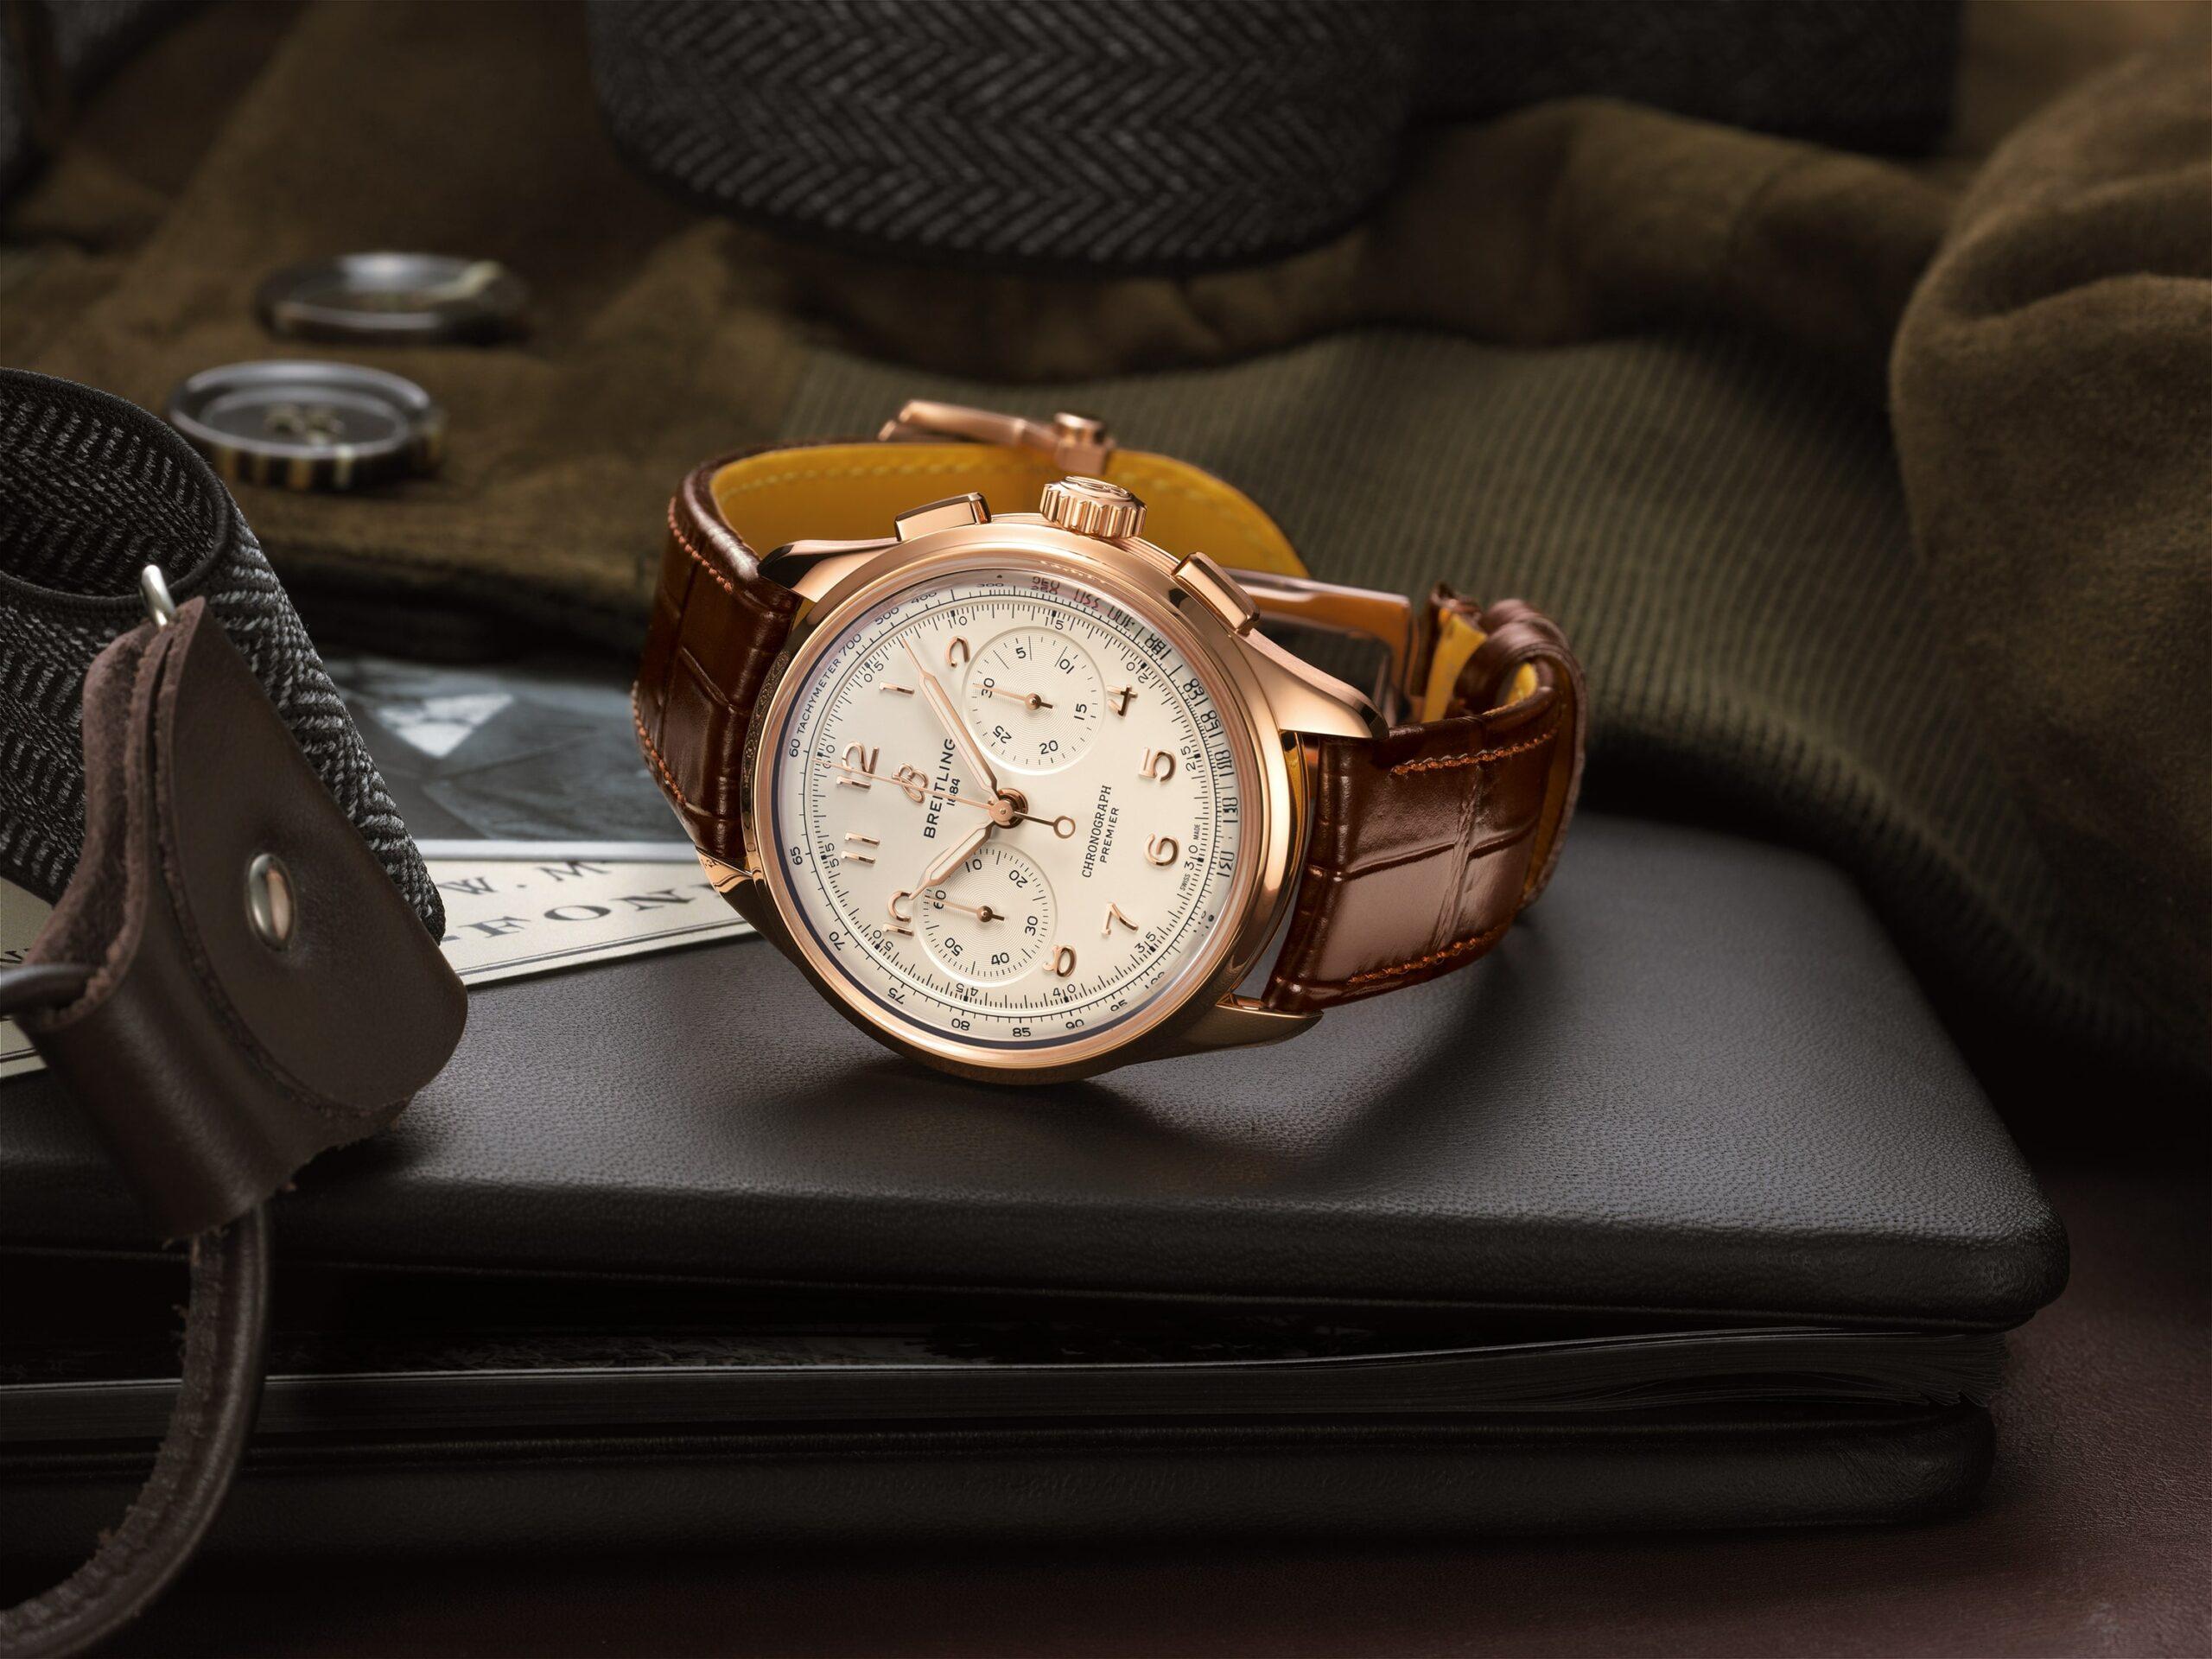 Cream dial